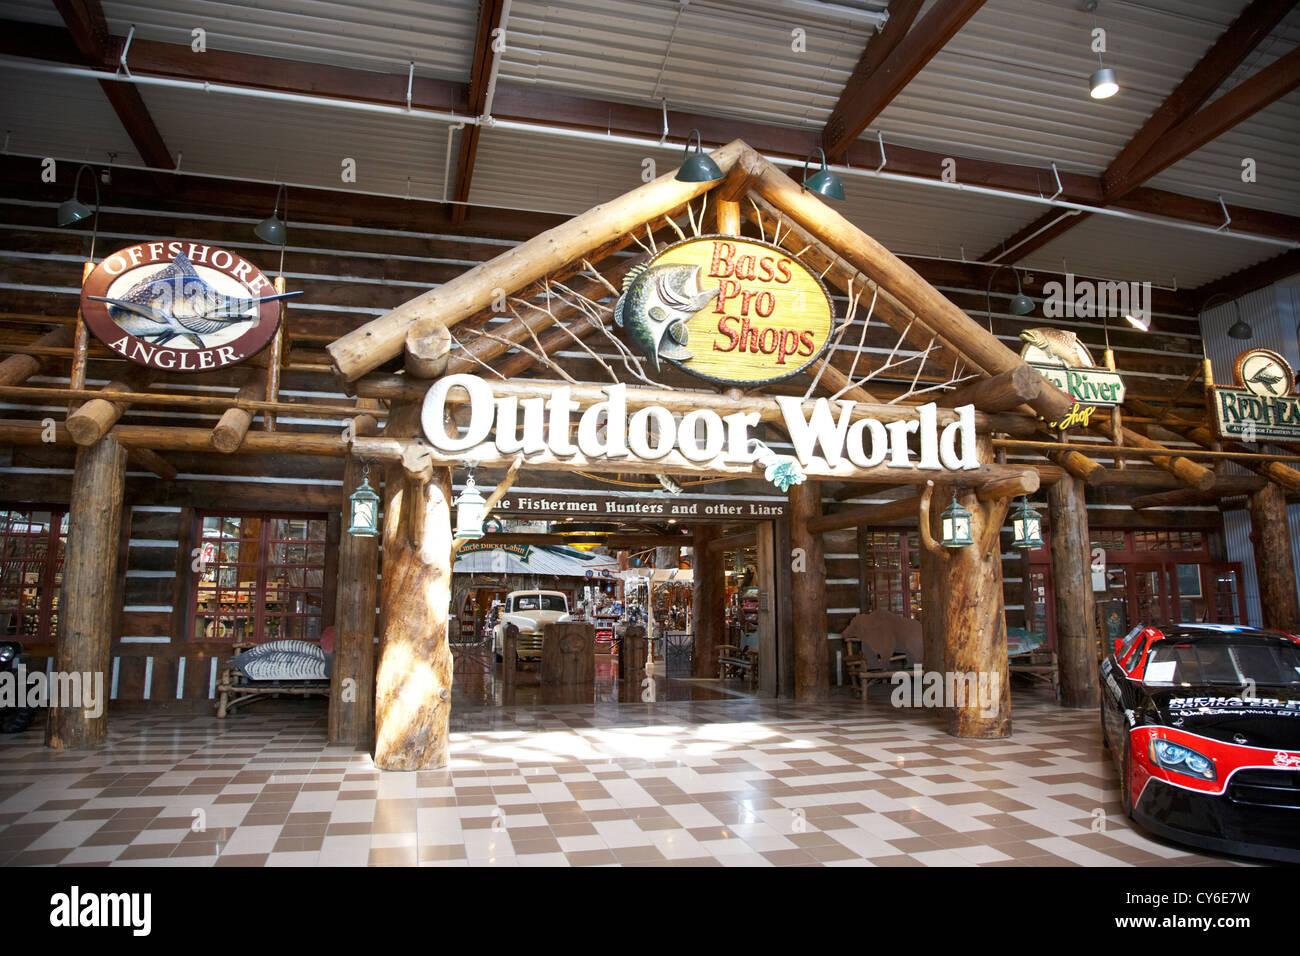 Bon Bass Pro Shops Outdoor World Orlando Florida Usa   Stock Image